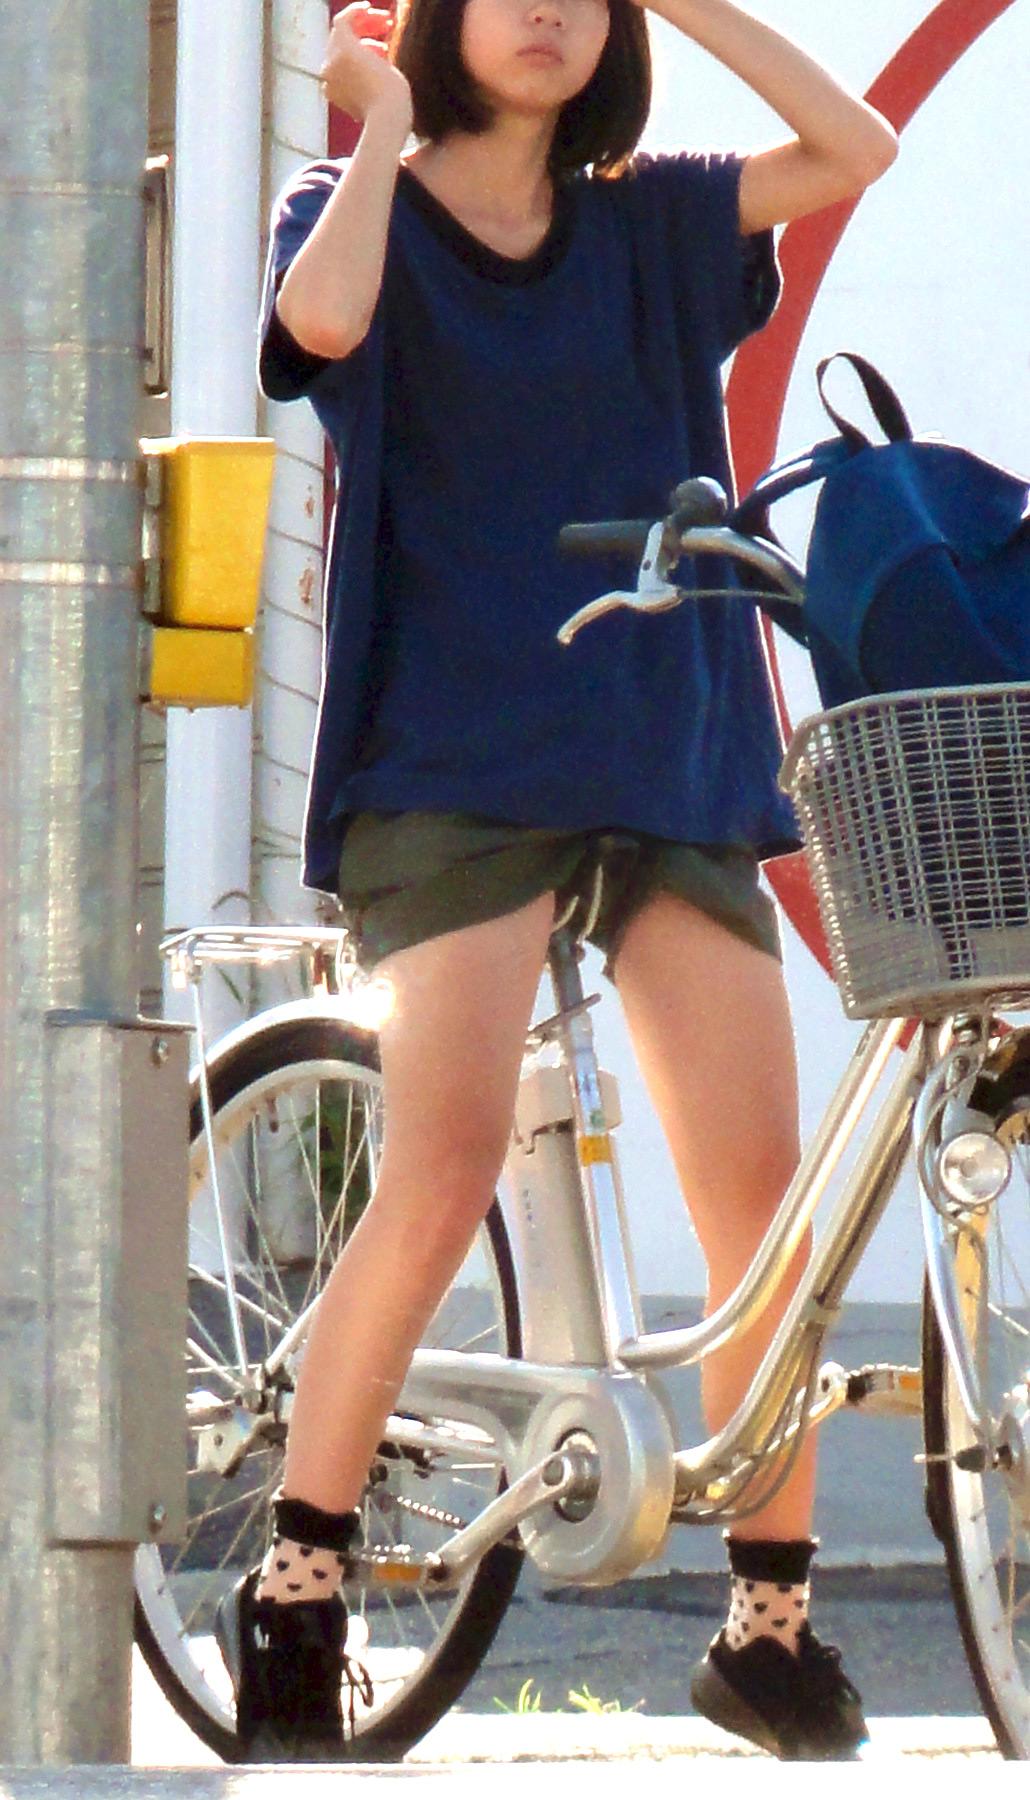 【自転車のエロ画像】サドルになりたくはないけど敷かれたい気持ちは理解したwww自転車に乗ったエロ尻  05